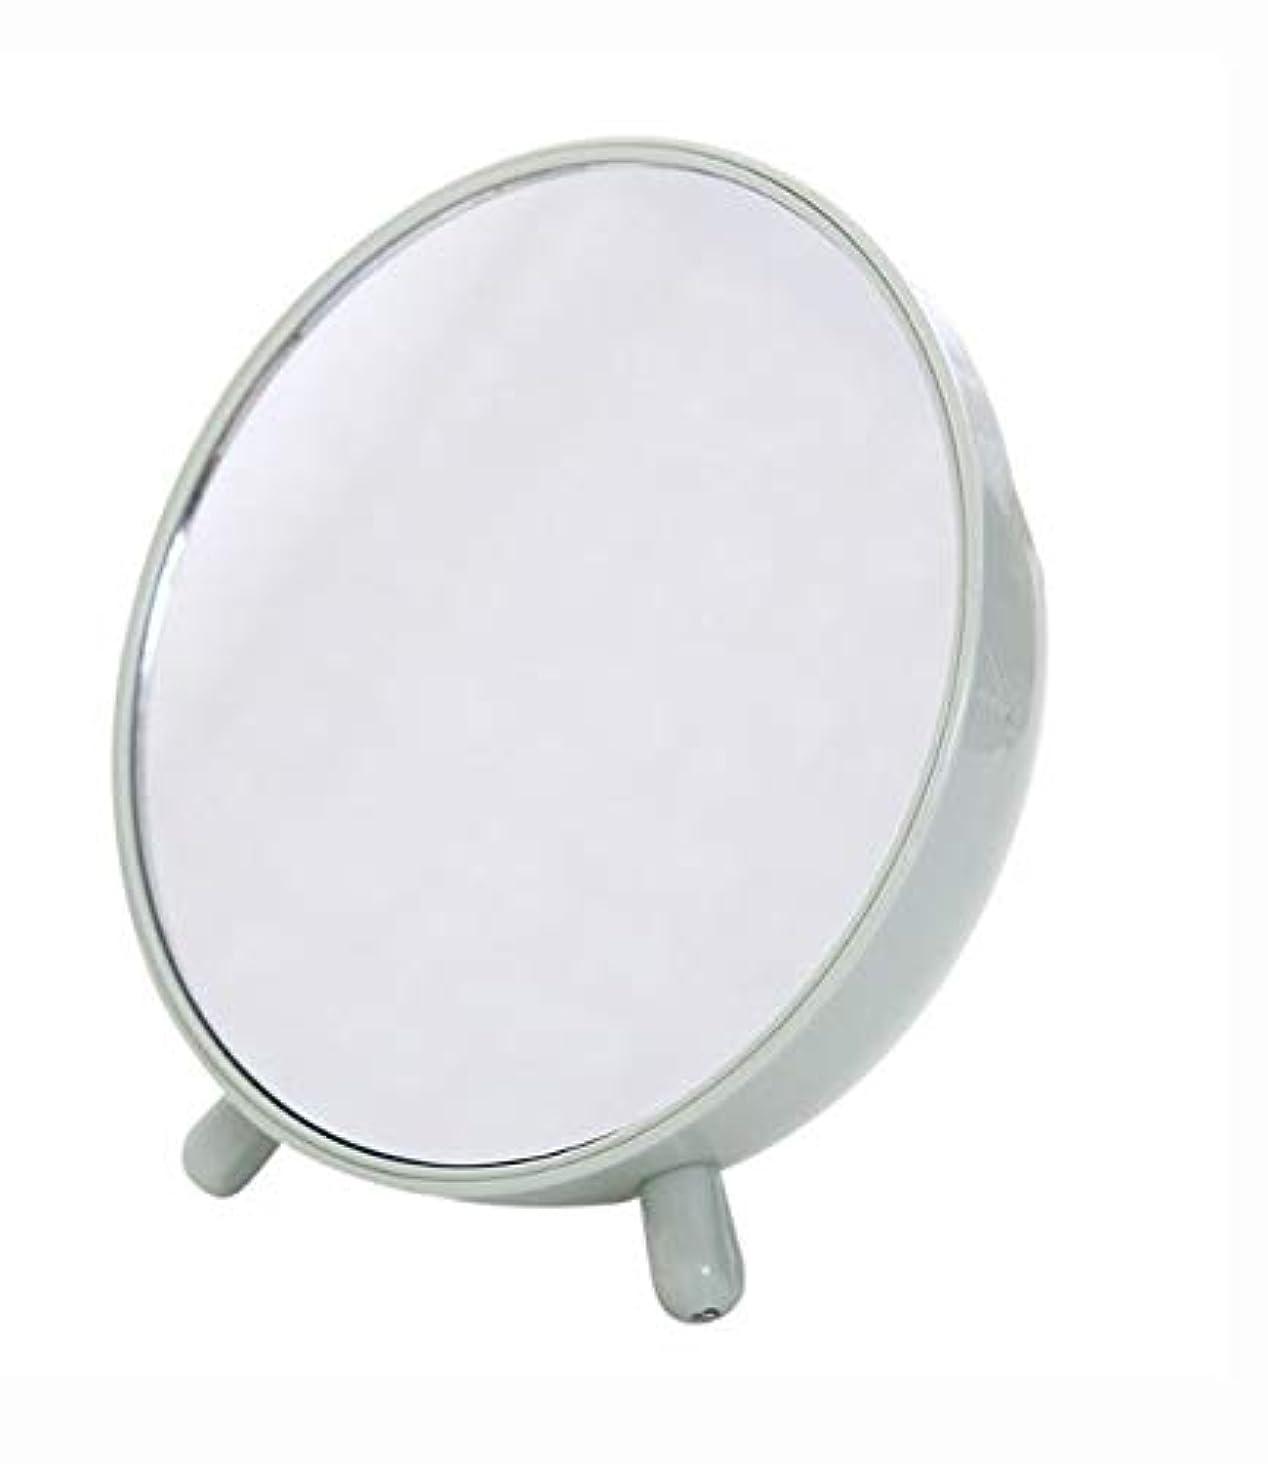 真空モロニック縫い目化粧鏡、収納箱の化粧品のギフトが付いている緑の簡単な円形のテーブルの化粧鏡